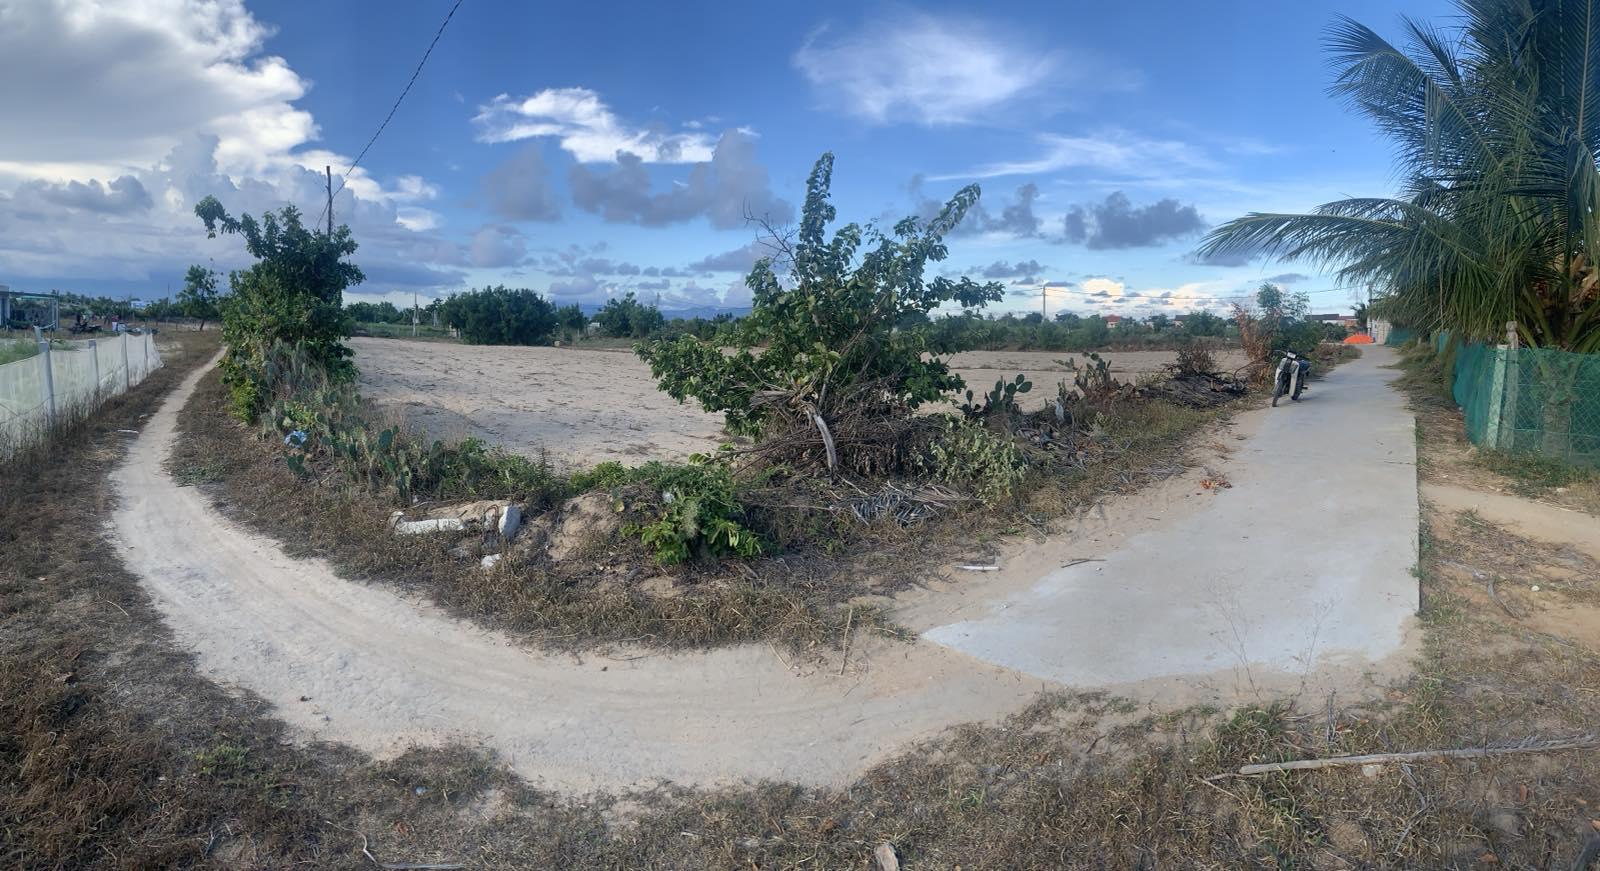 Cần bán đất Tuấn Tú đường Nguyễn Thị Minh Khai, Xã An Hải, Diện tích 3245m², Giá Thương lượng - LH: 0937906358